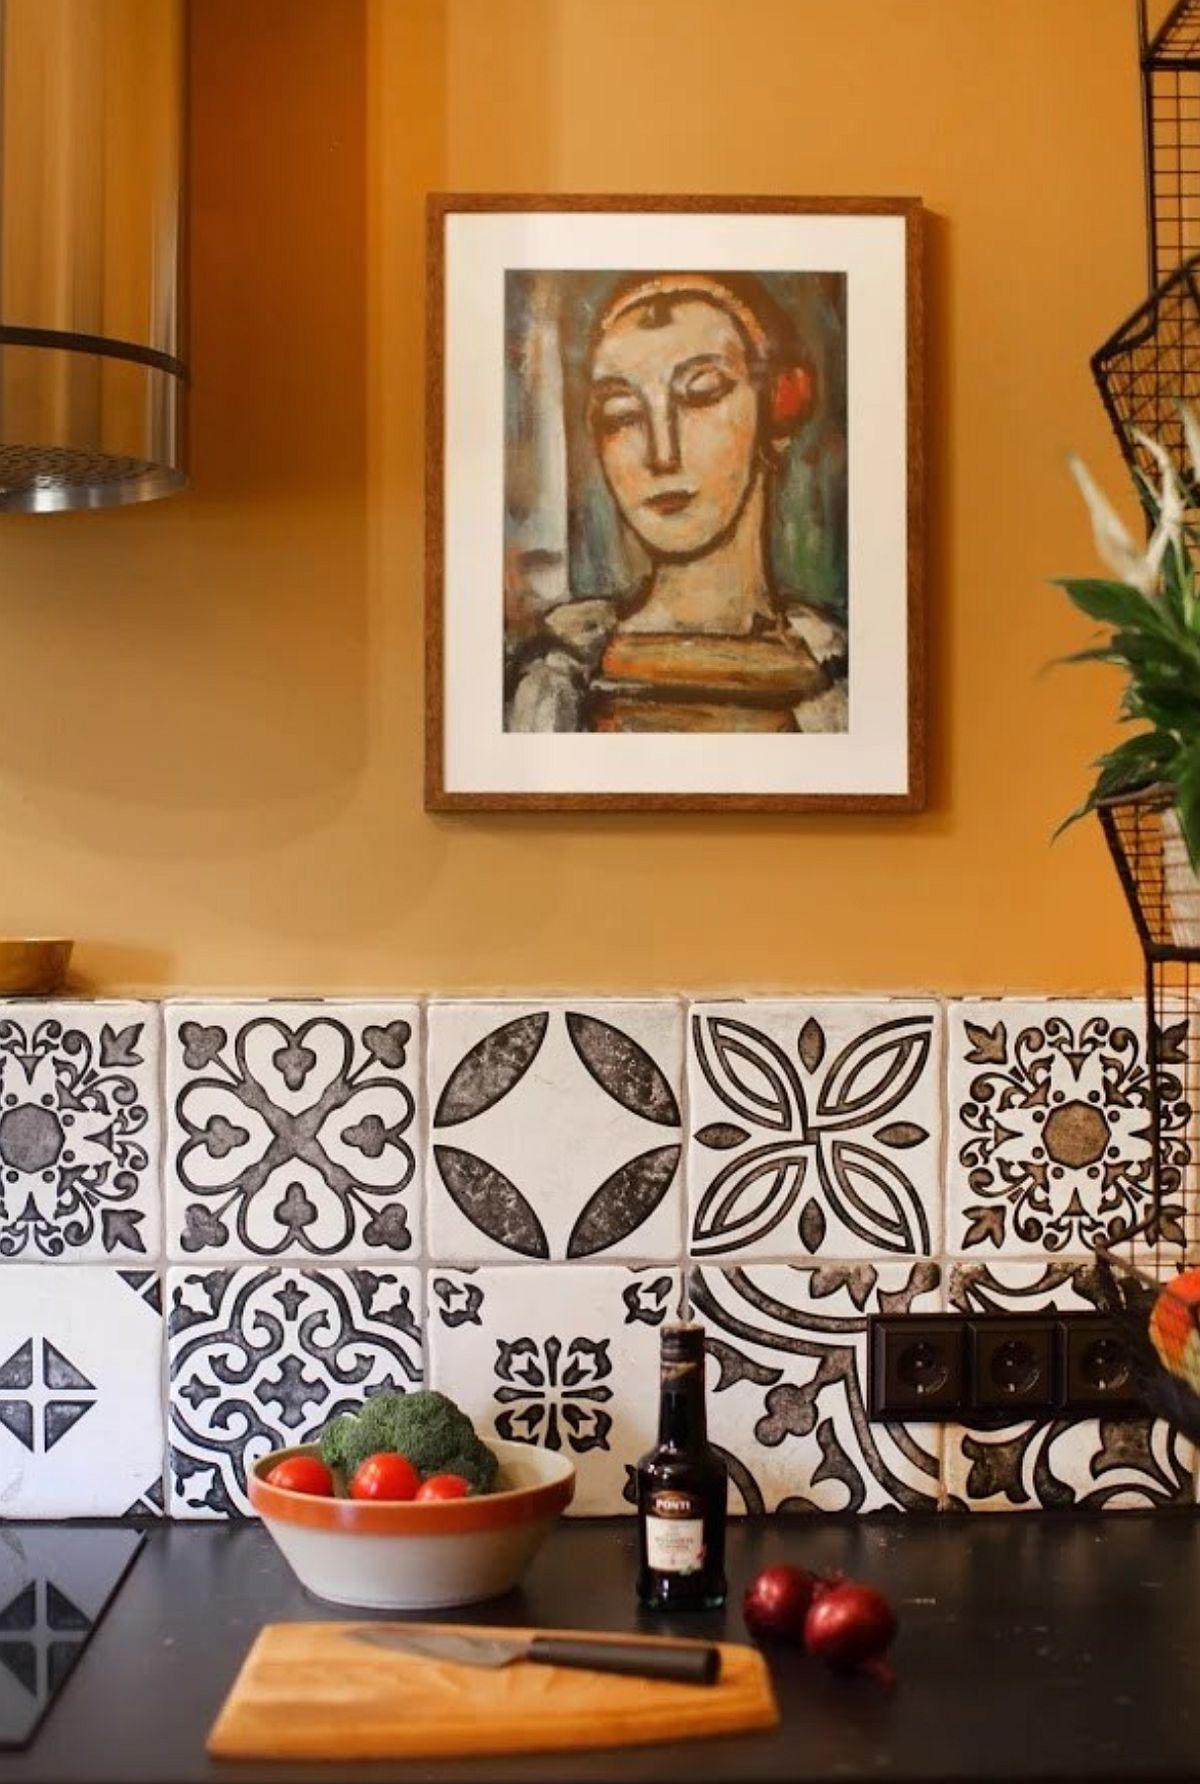 Cine spune că nu poți avea obiecte decorative pe pereții bucătăriei? Depinde stilul de viață al fiecăruia, dar cert este că tablourile și plantele dau un aer familiar și uman până la urmă interioarelor.